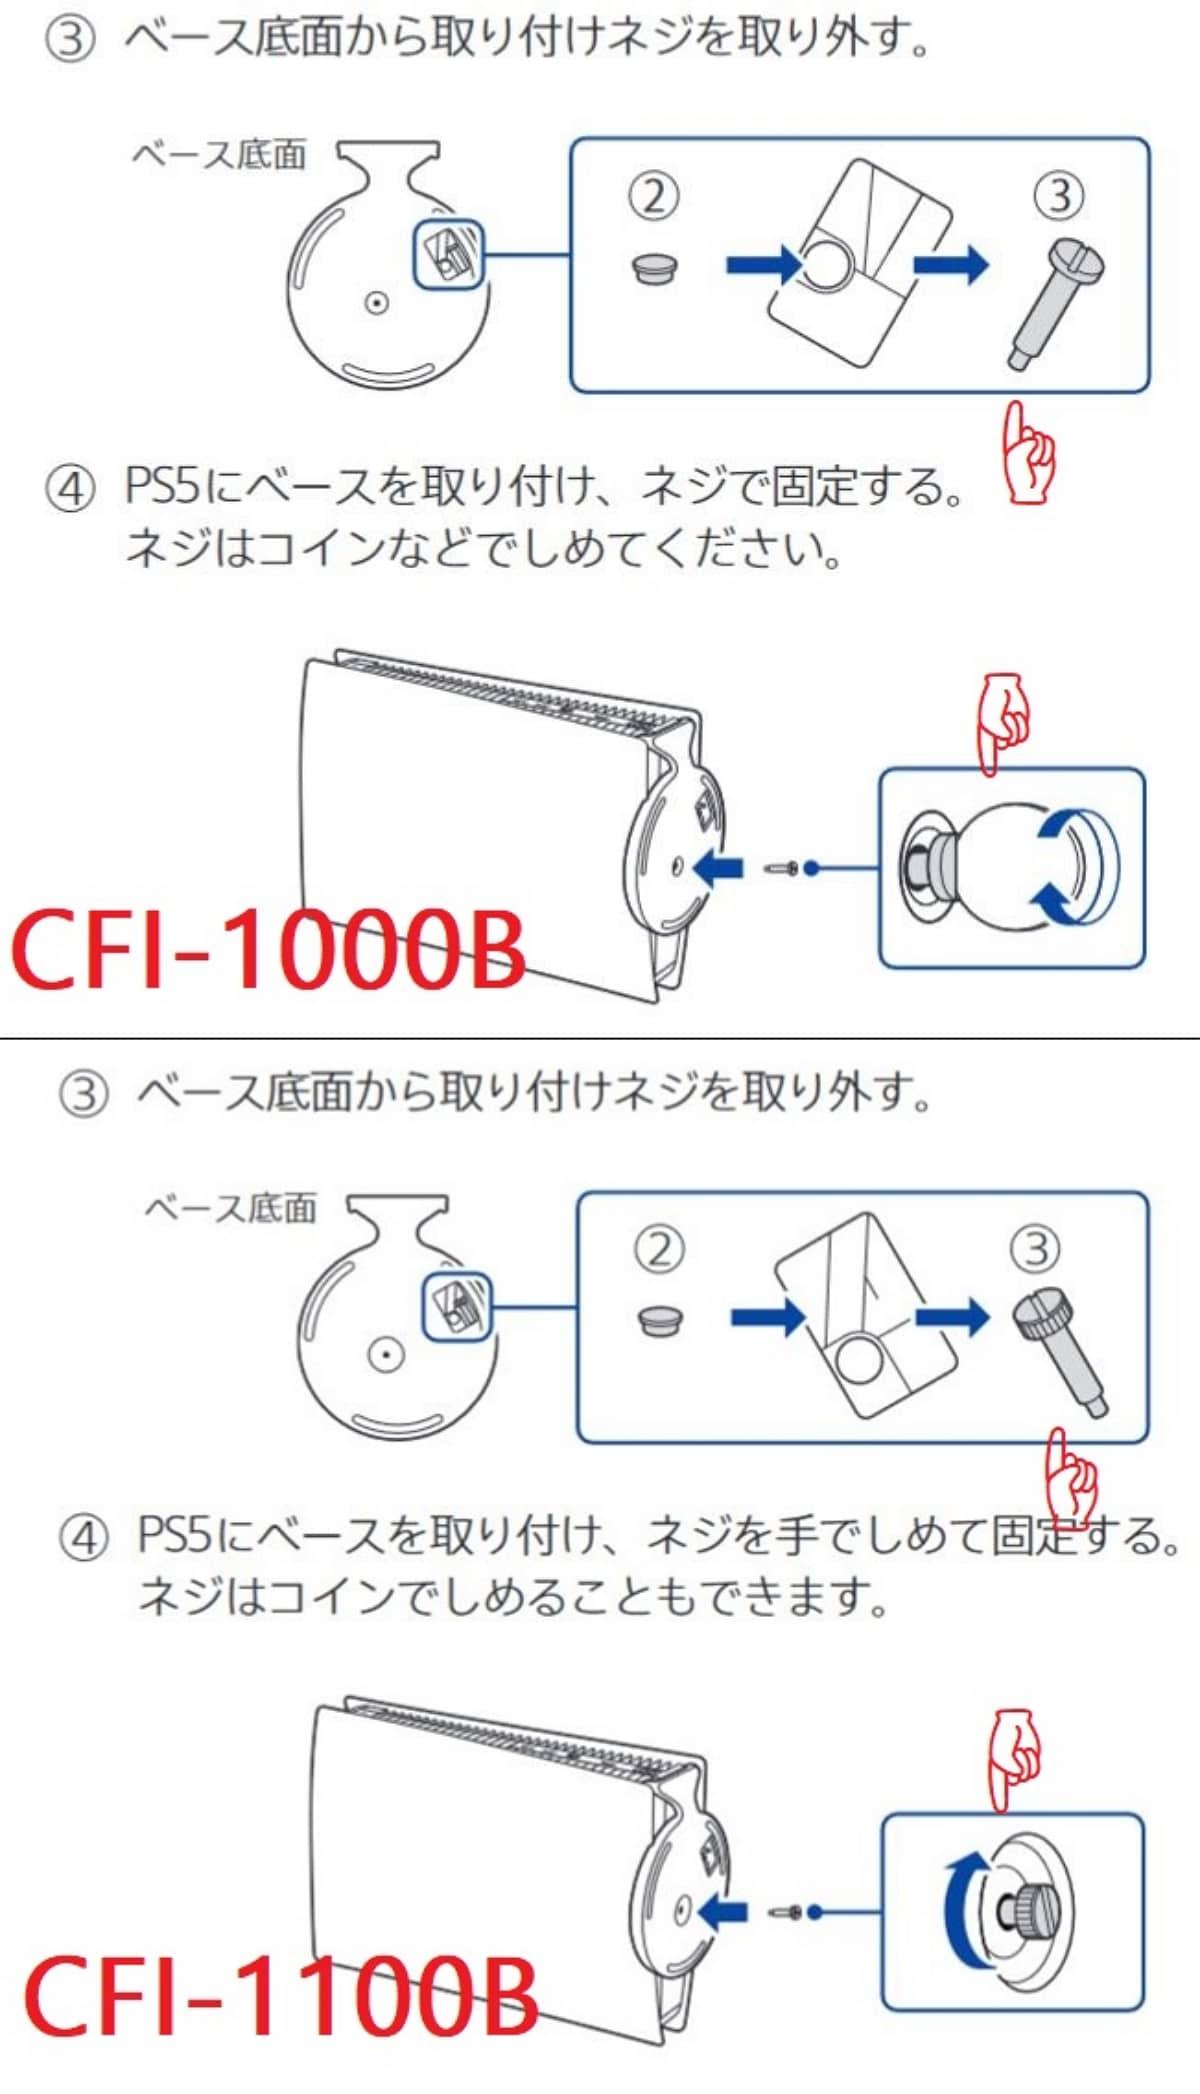 PS5 Digital Edition V1 VS PS5 Digital Editon V2